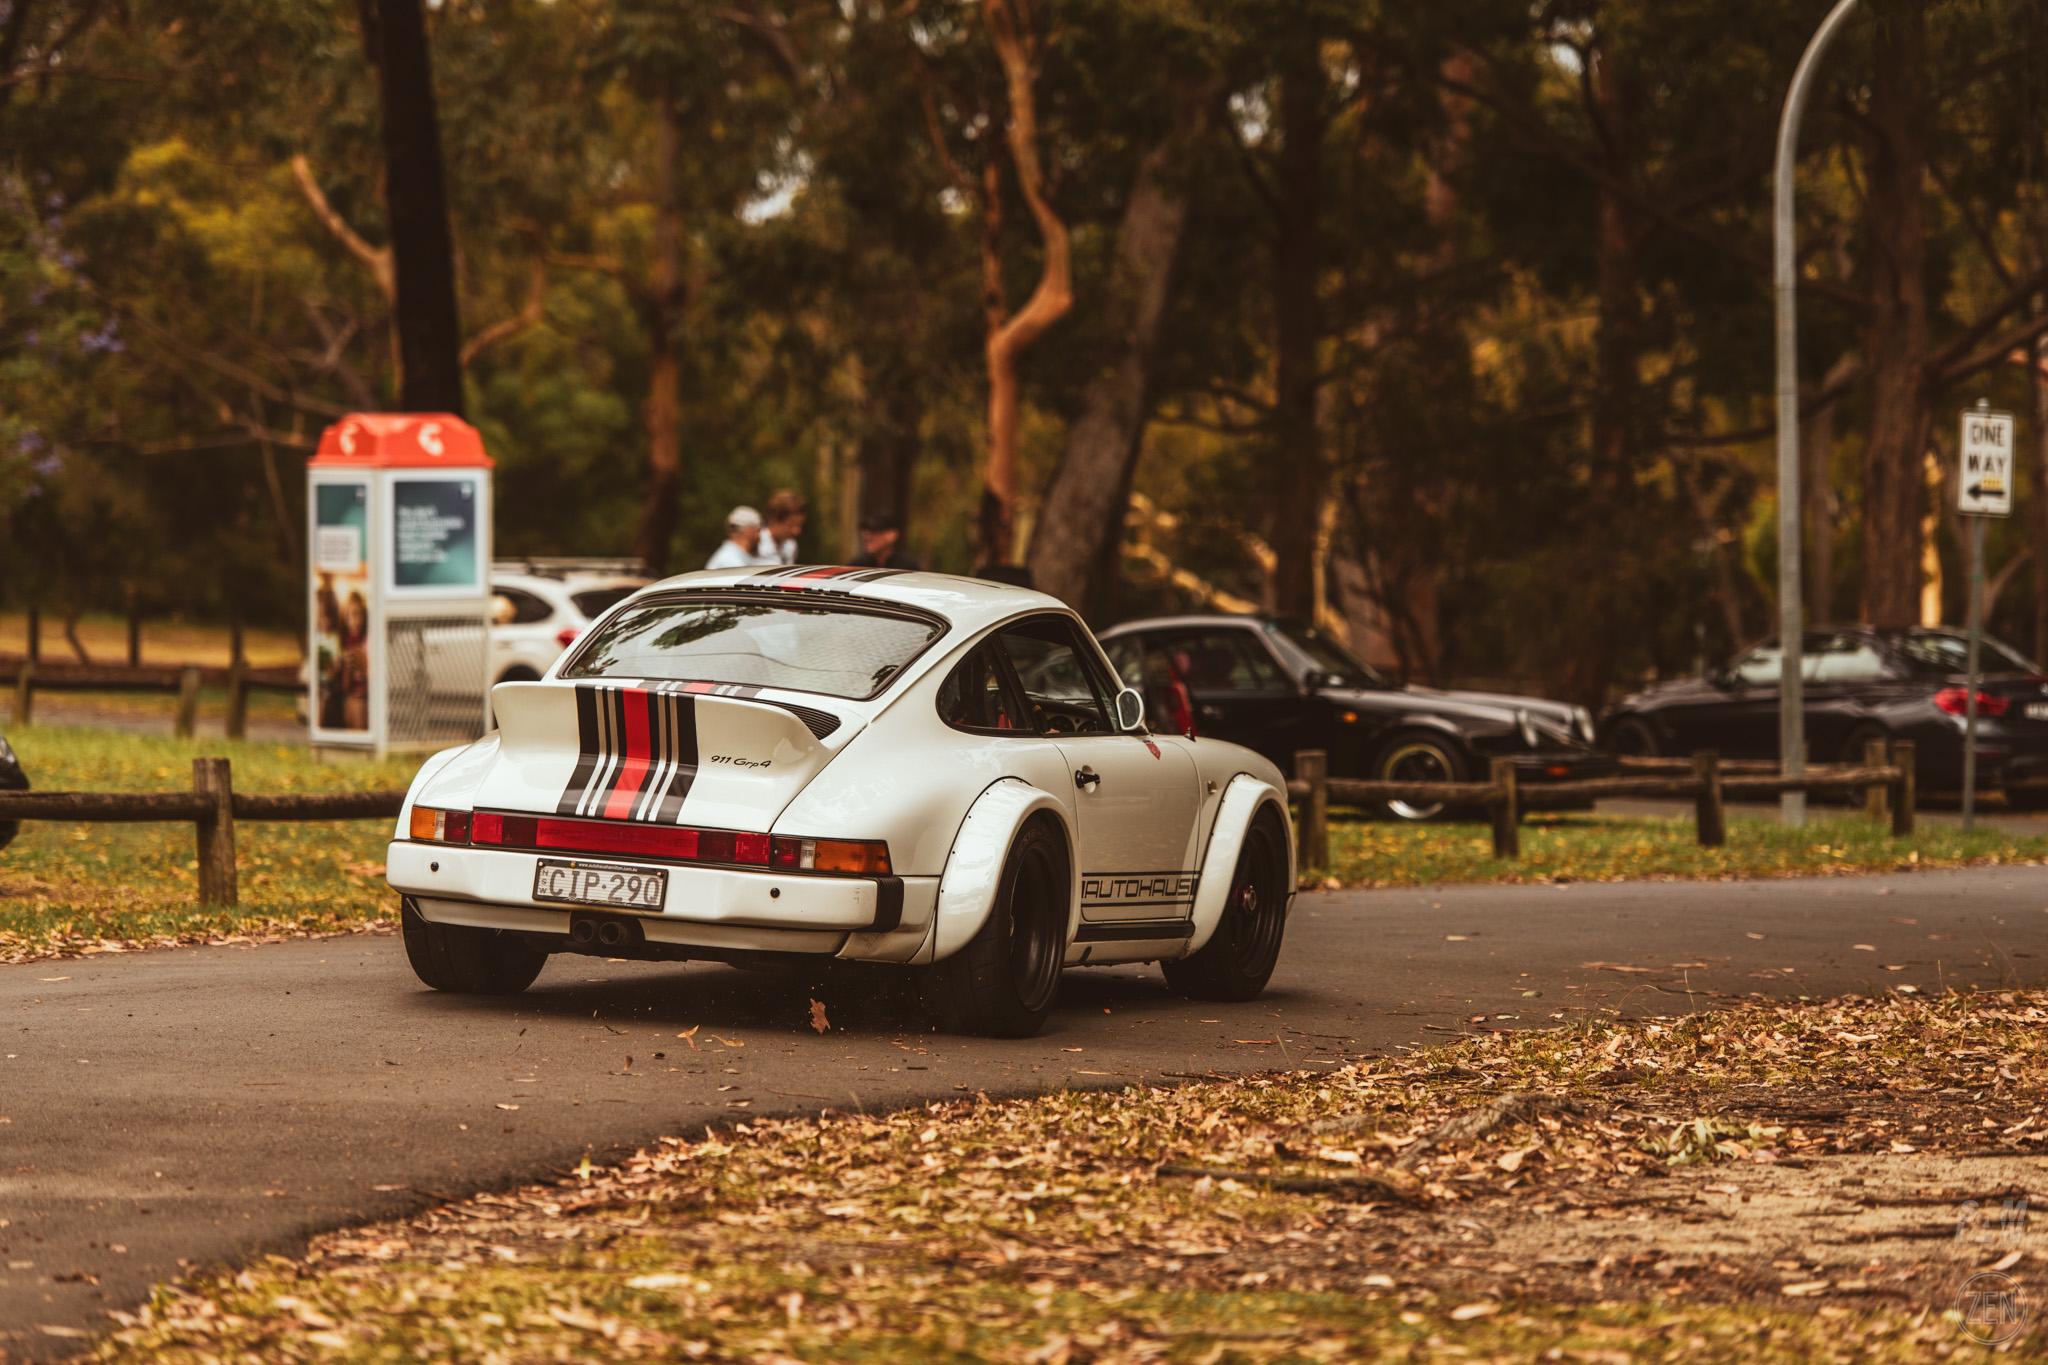 2019-12-08 - Porsches & Coffee 150